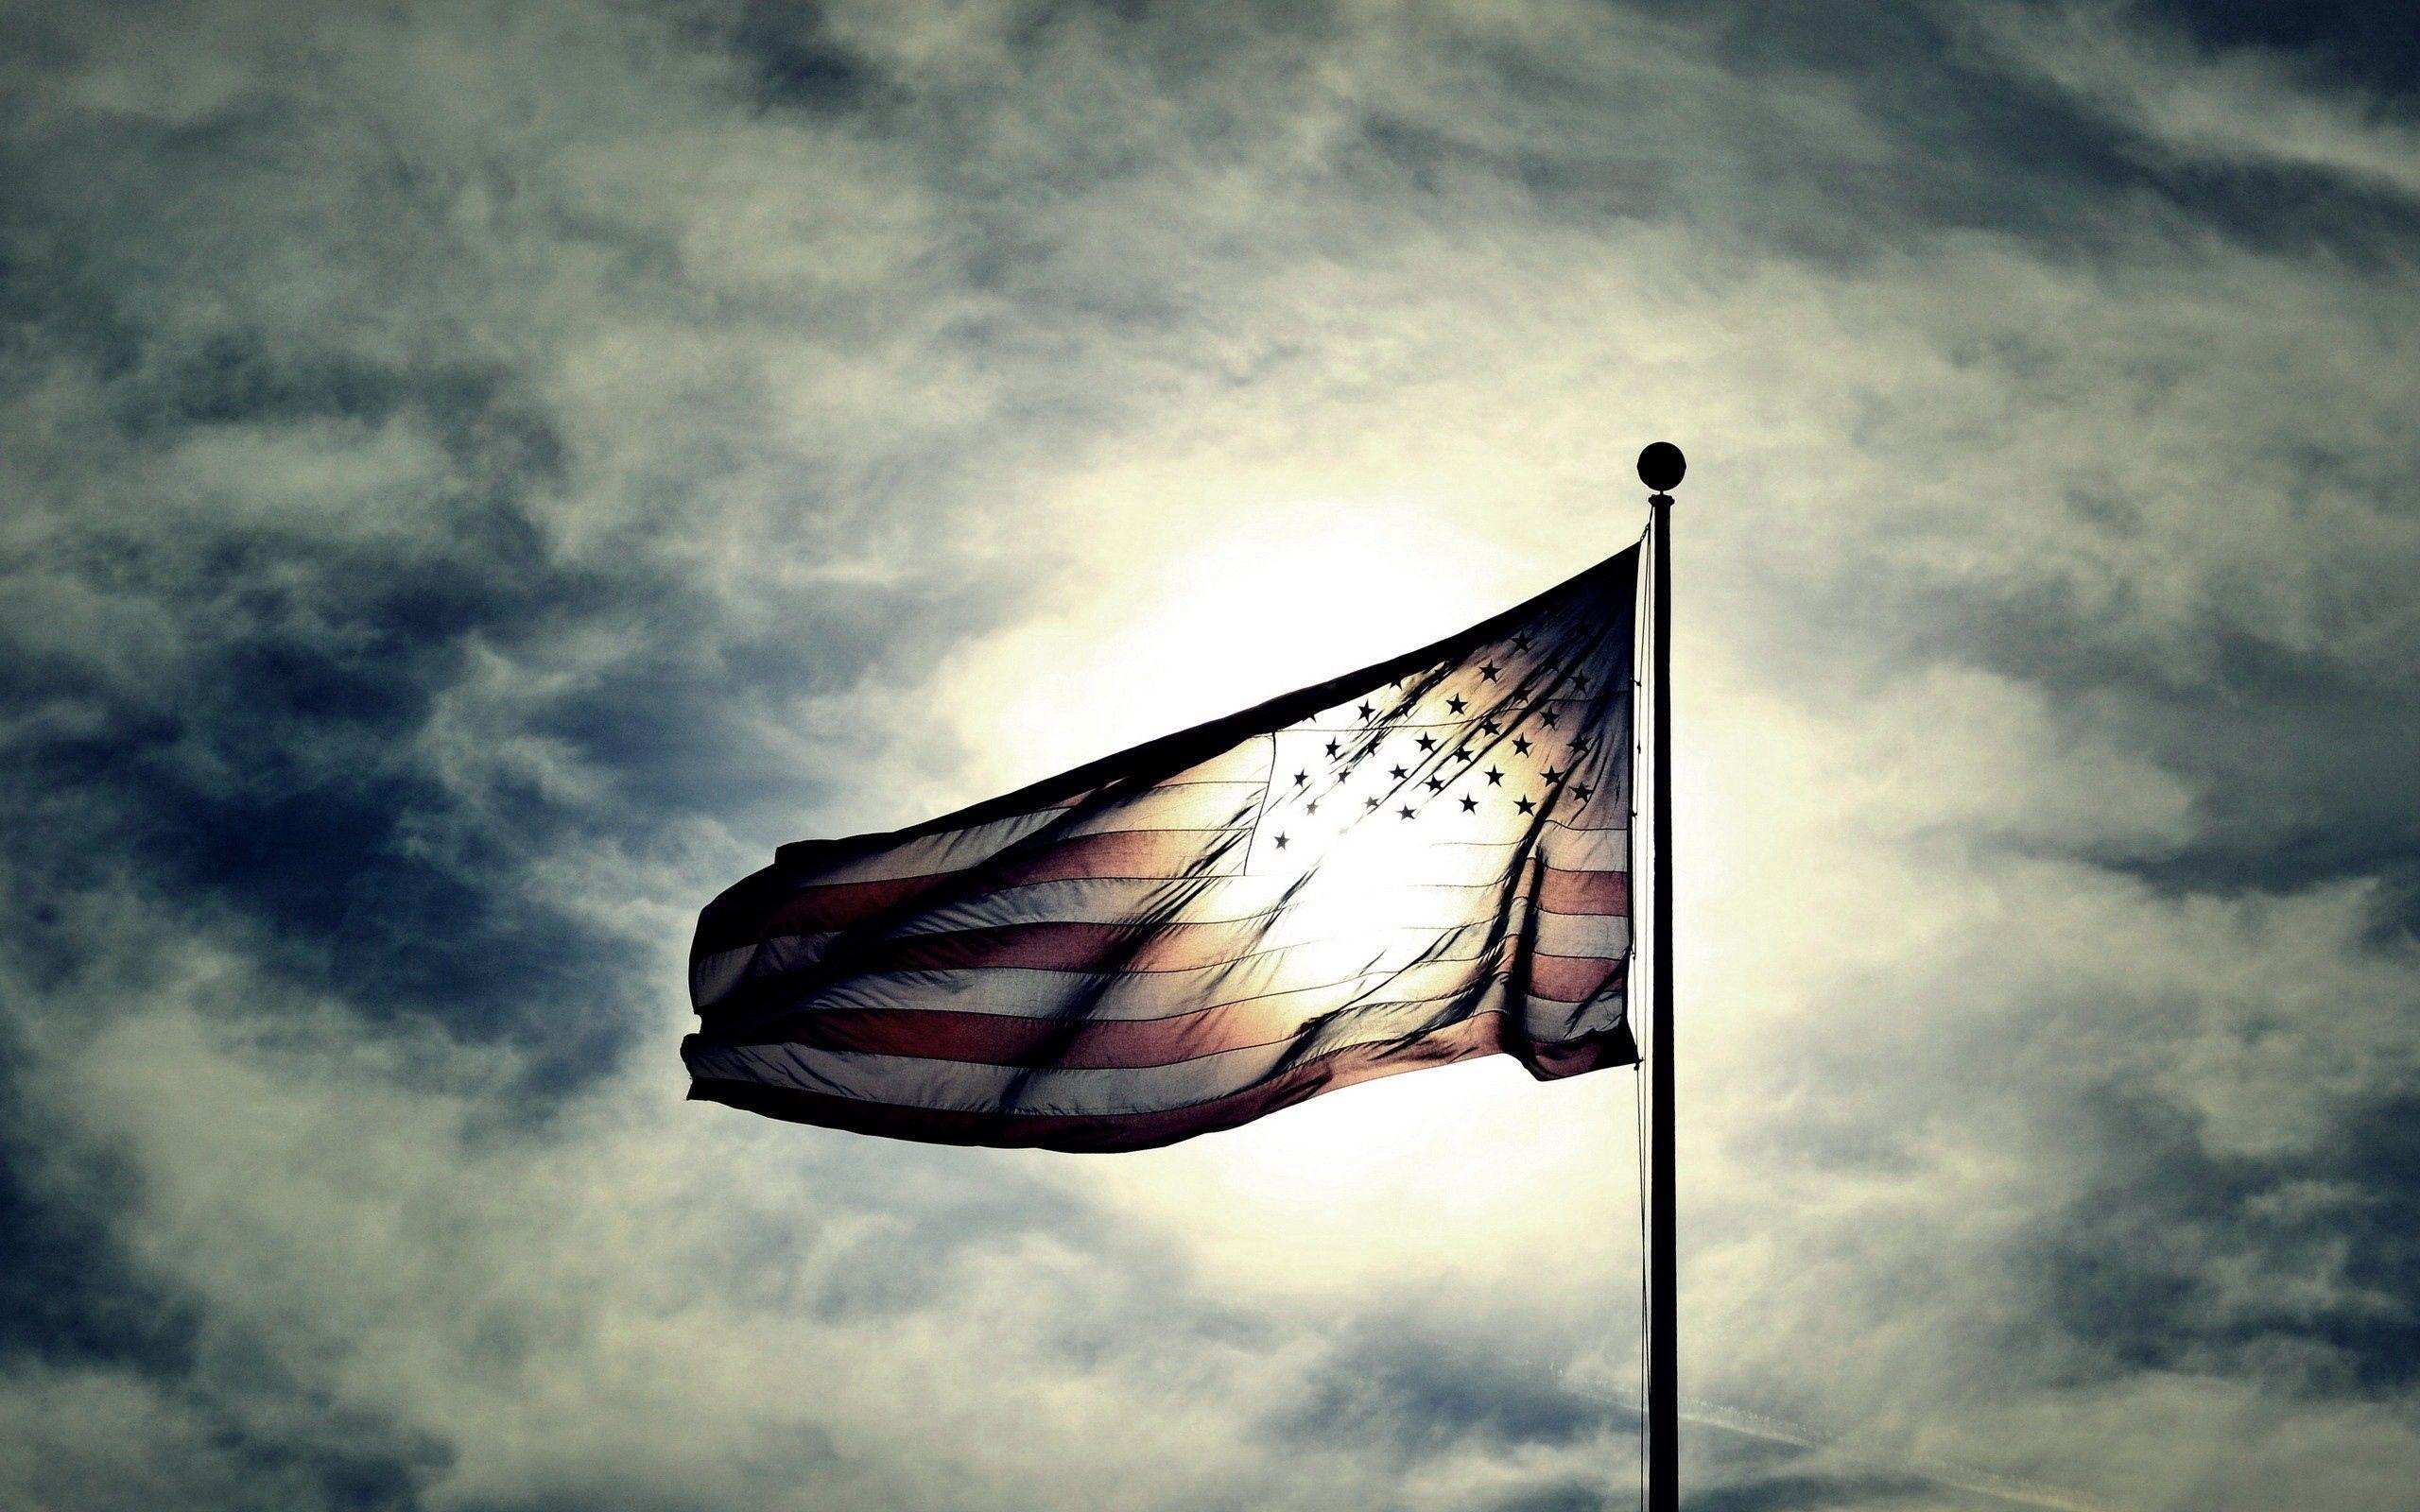 103281 скачать обои Темные, Сша, Флаг, Небо, Ночь, Облака - заставки и картинки бесплатно